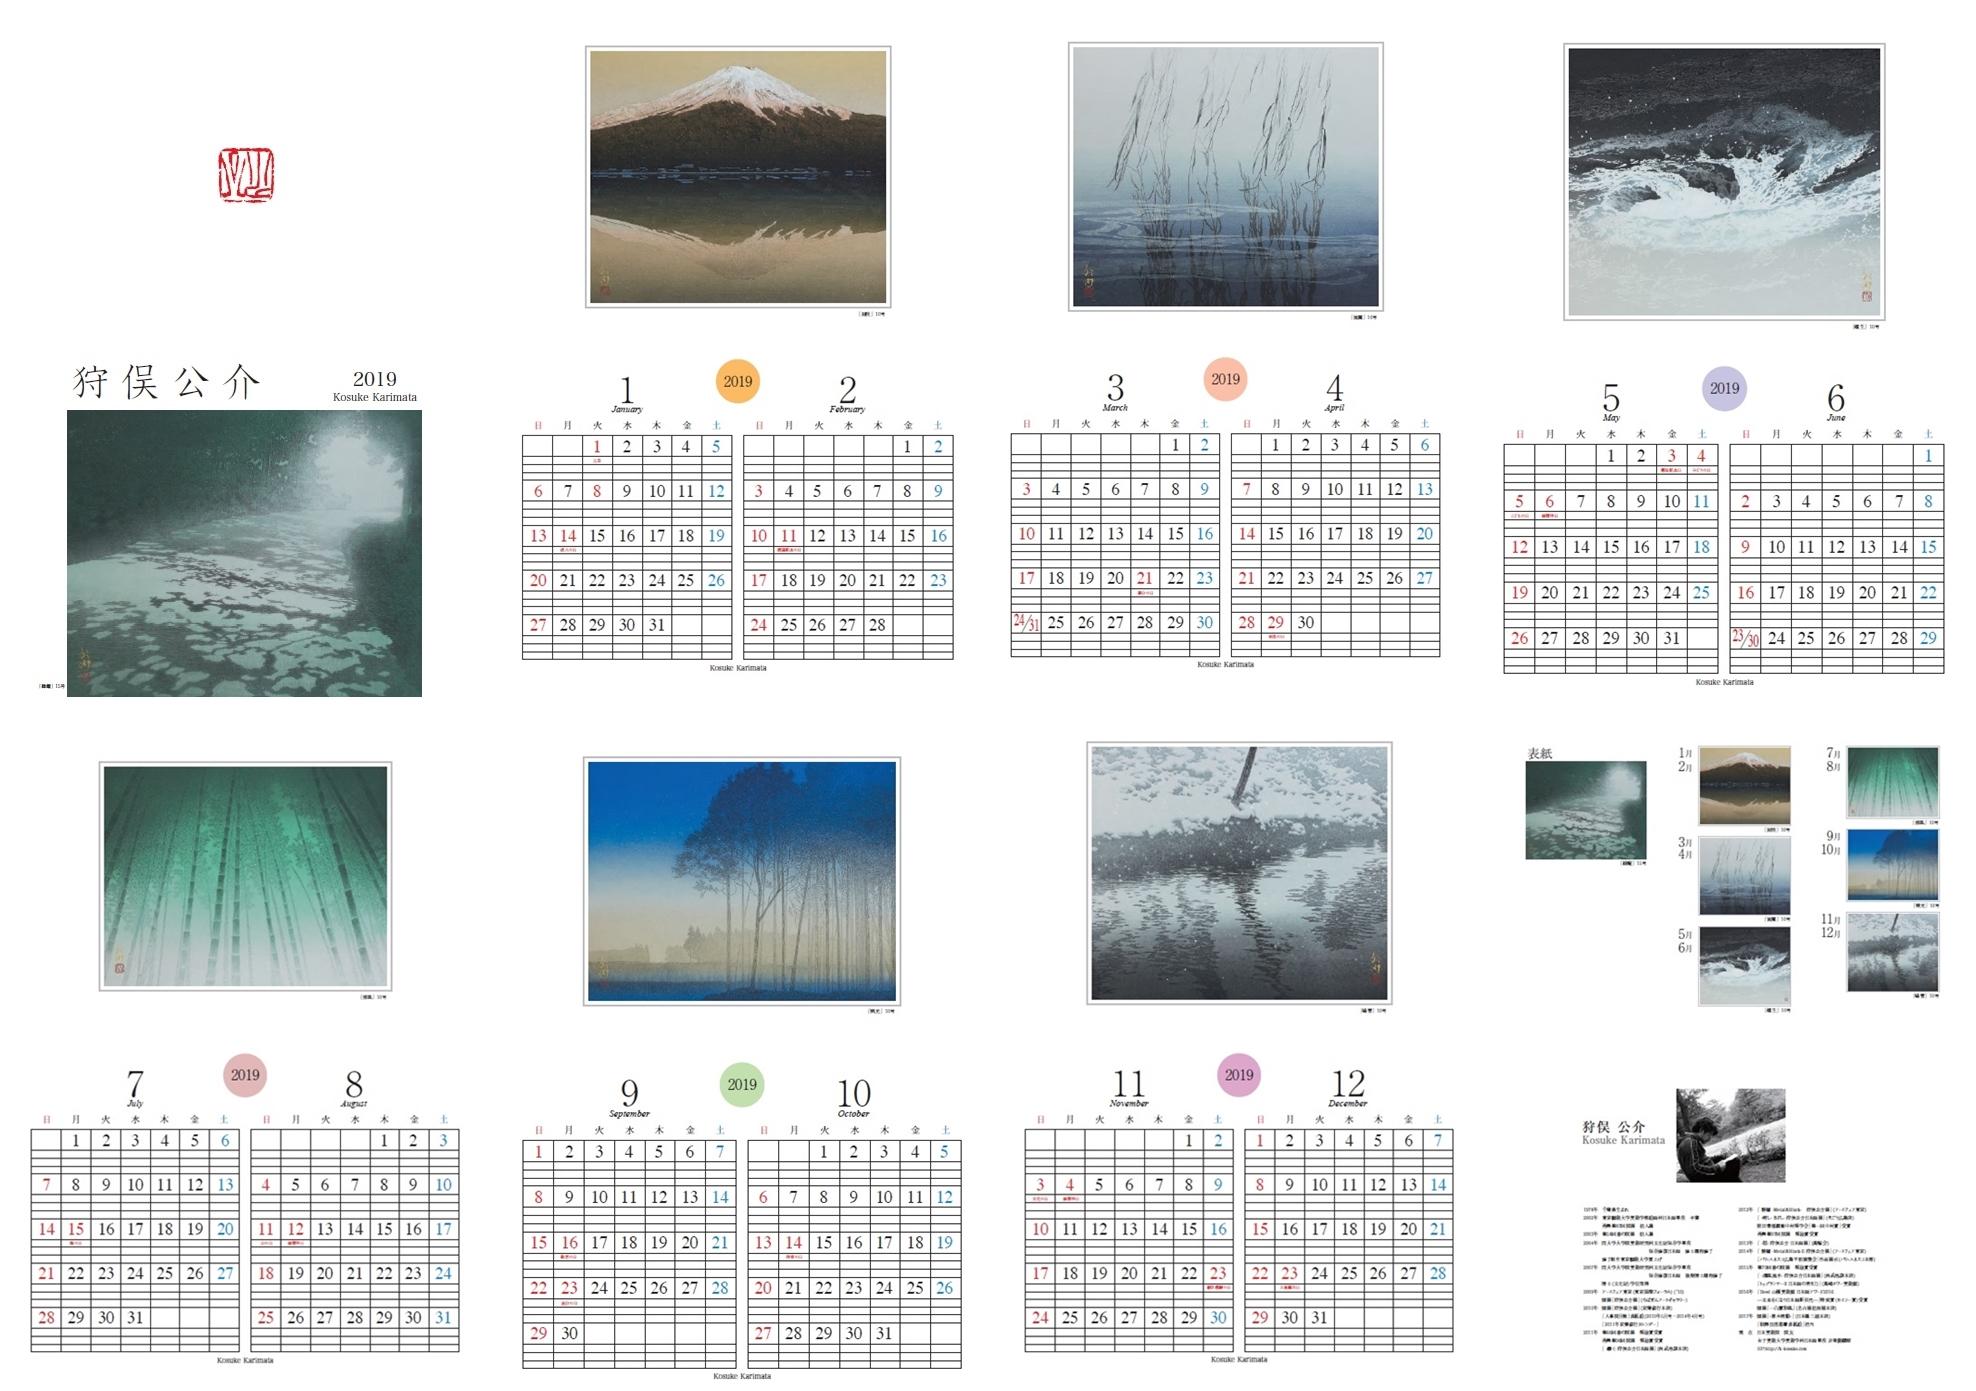 狩俣公介2019カレンダー